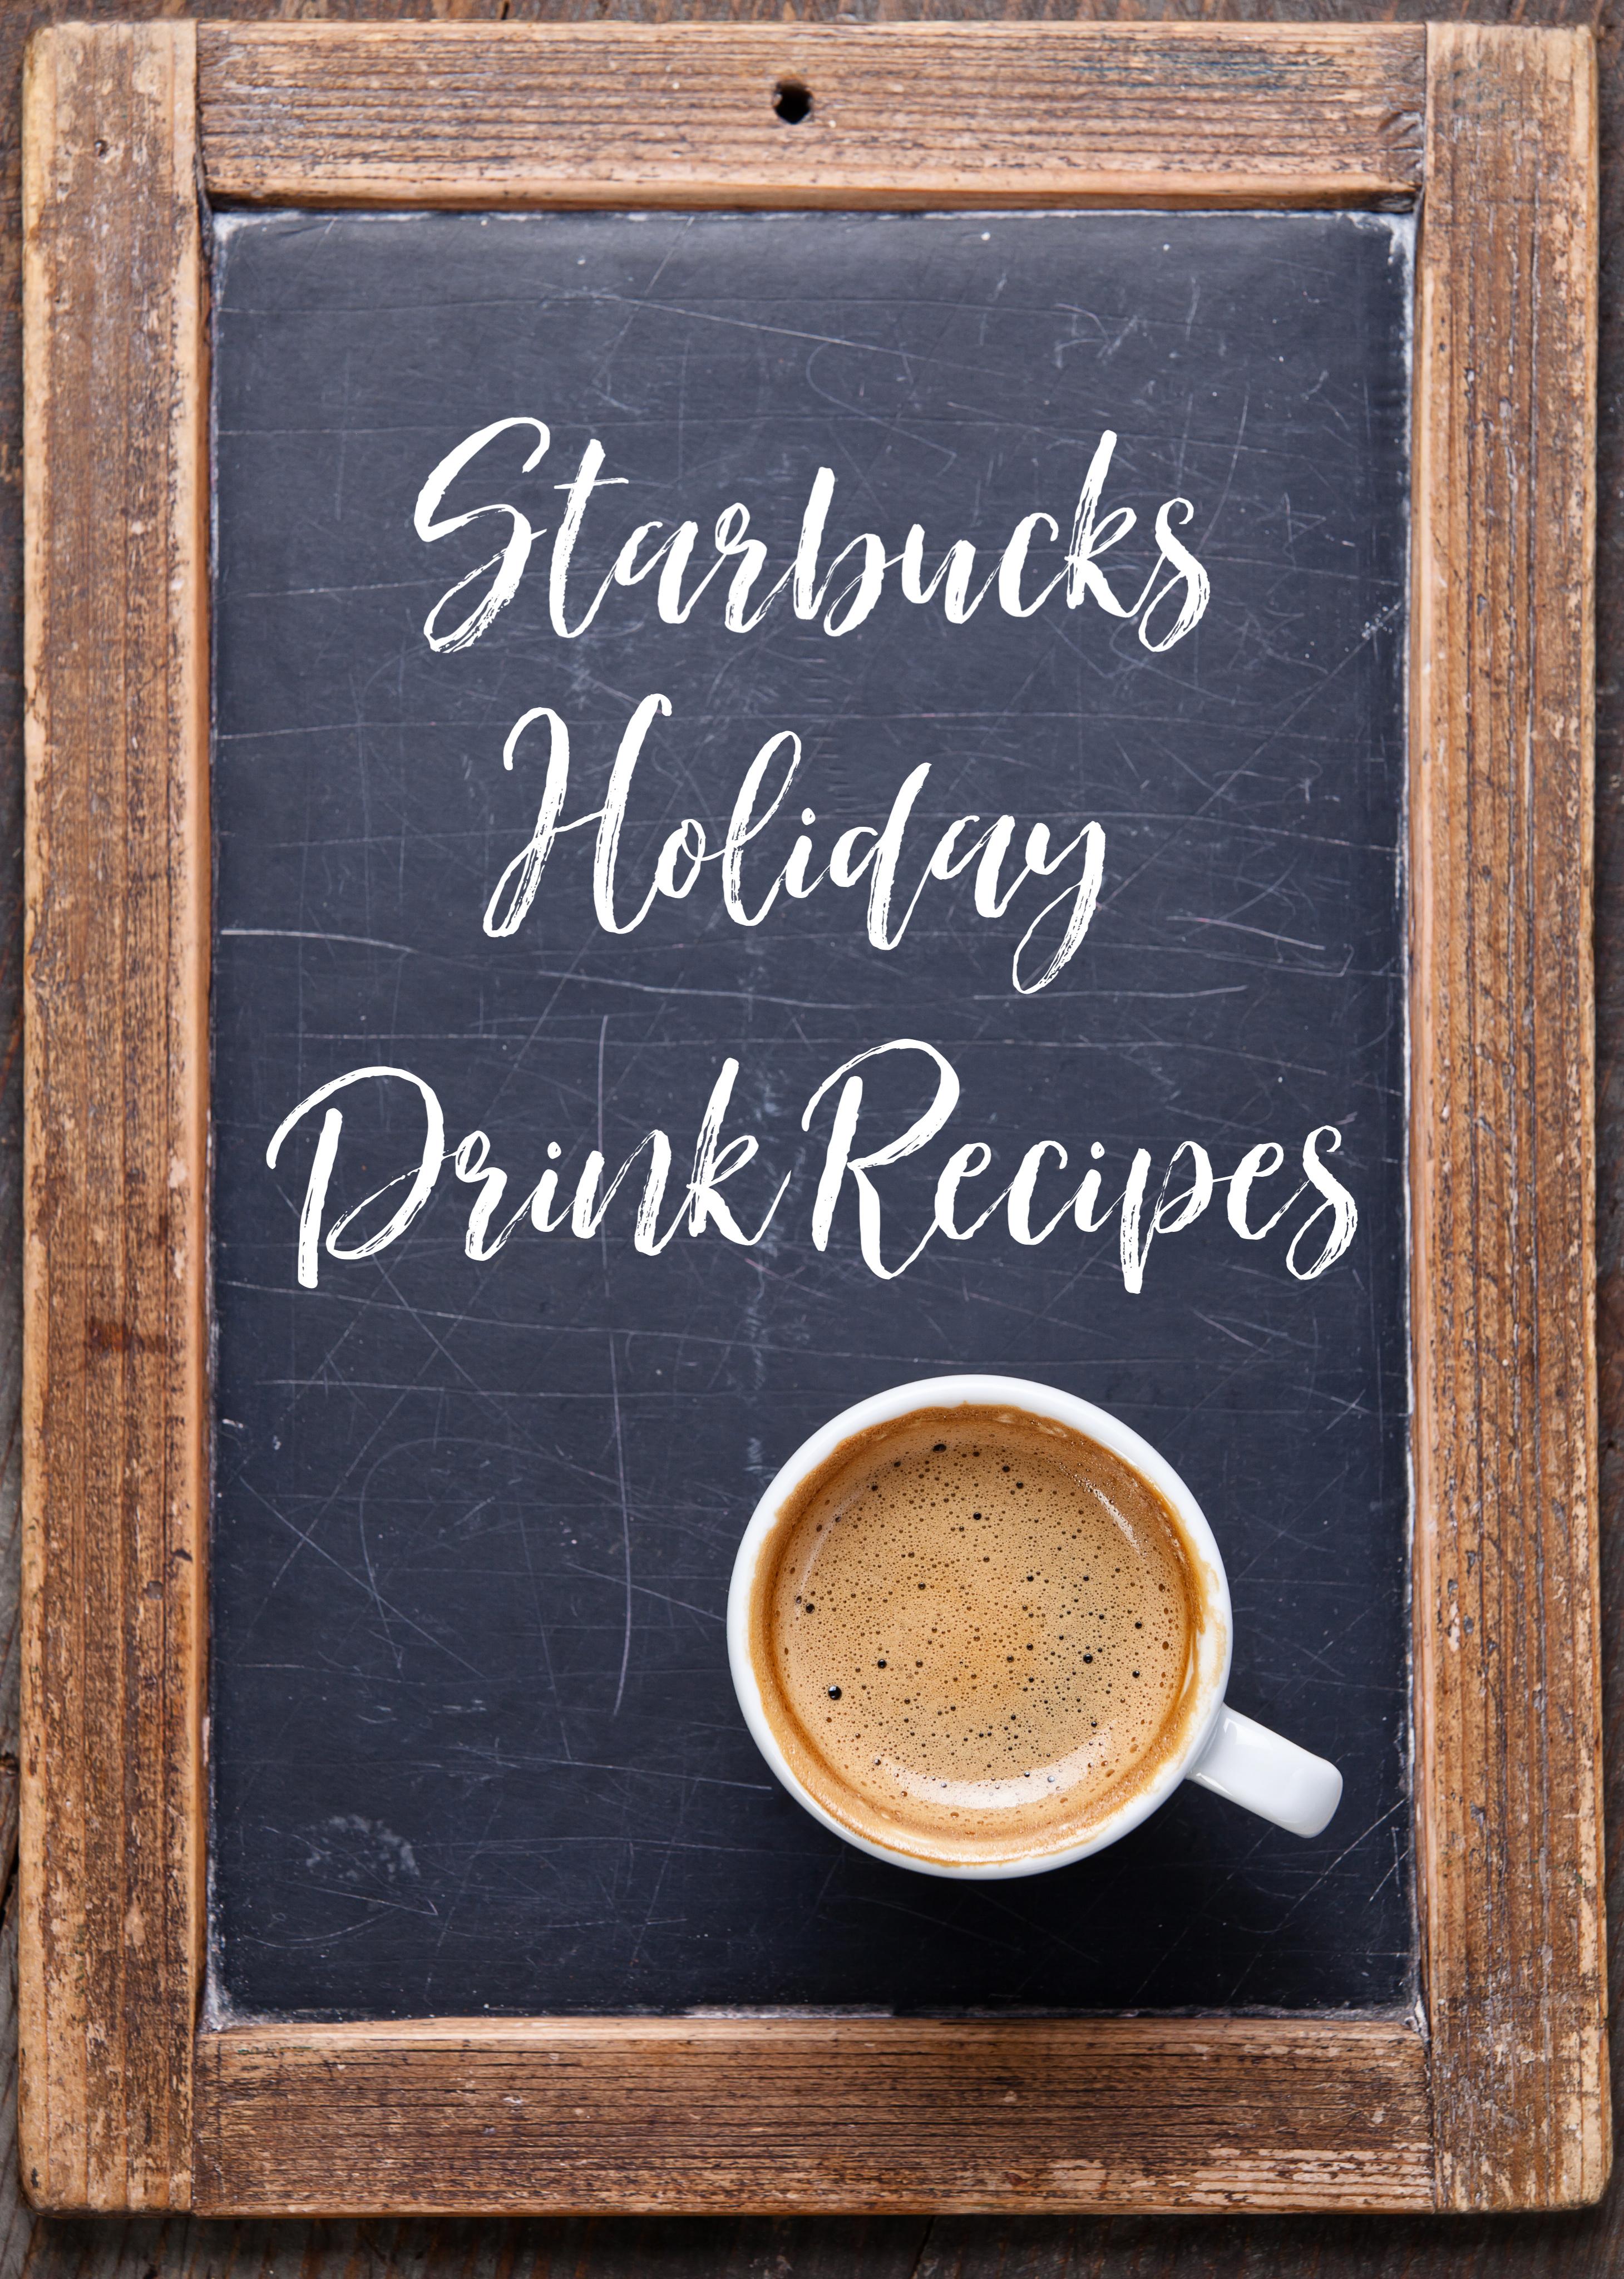 5 Diy Starbucks Holiday Drink Recipes